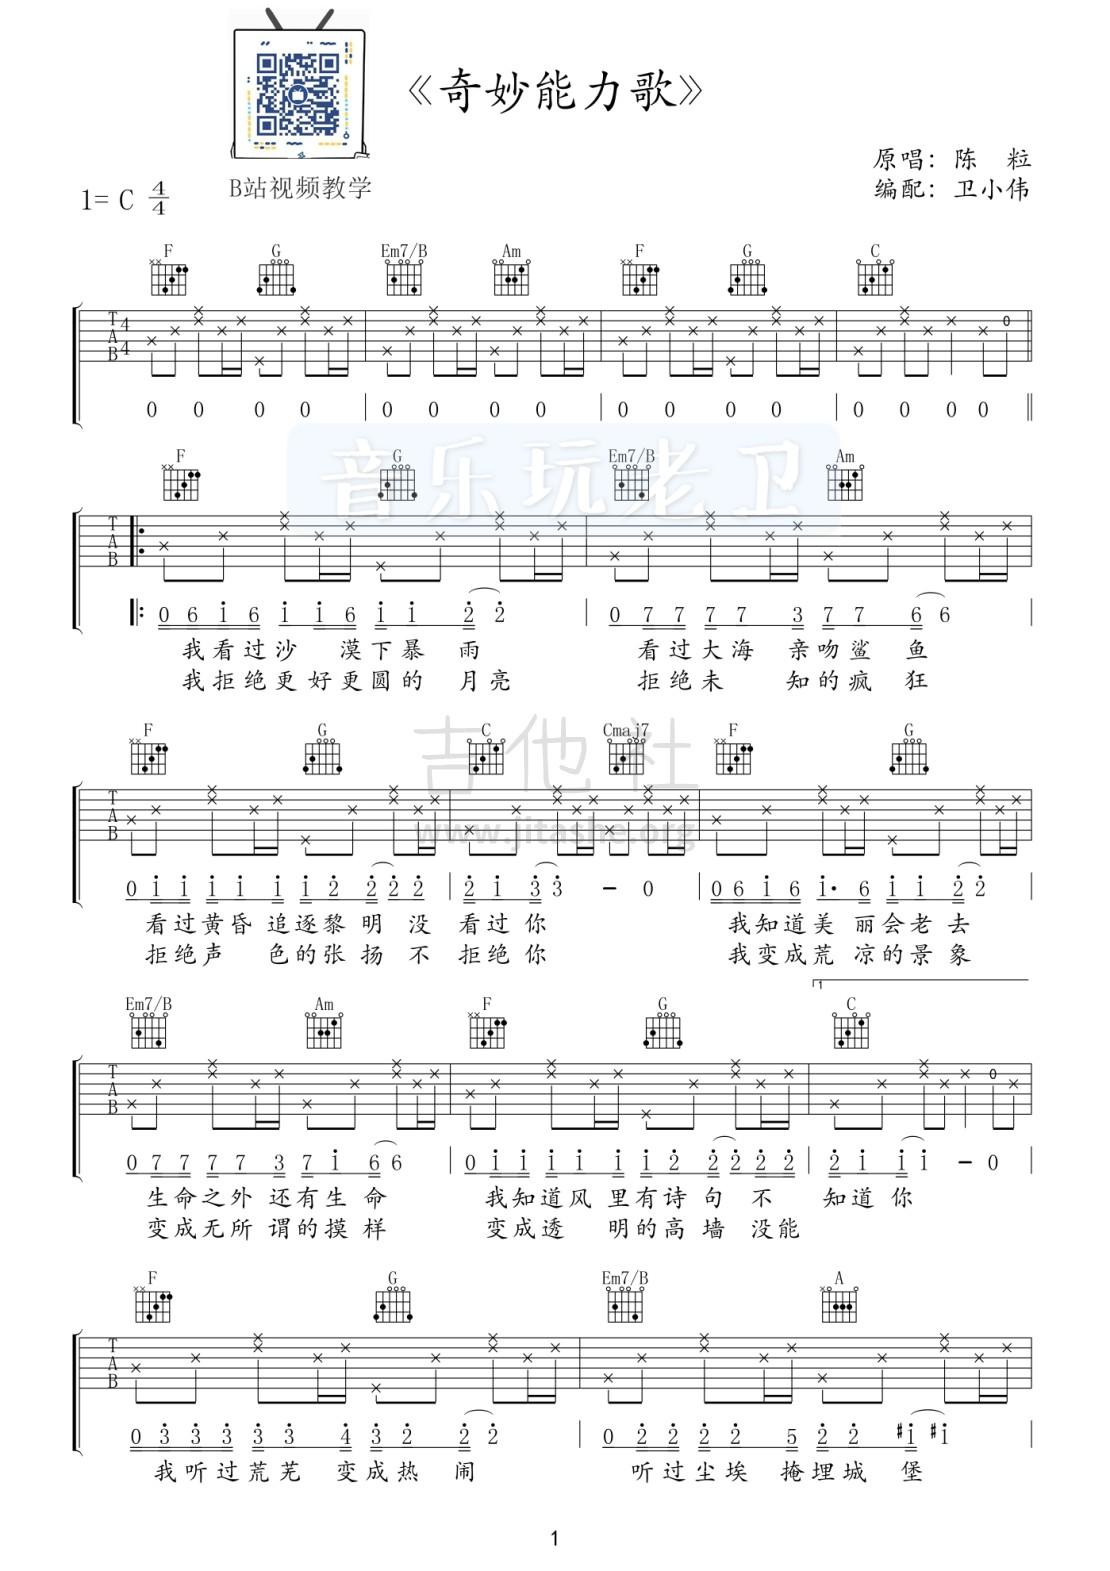 奇妙能力歌吉他谱(图片谱,弹唱,C调,原版)_陈粒_奇妙能力歌1